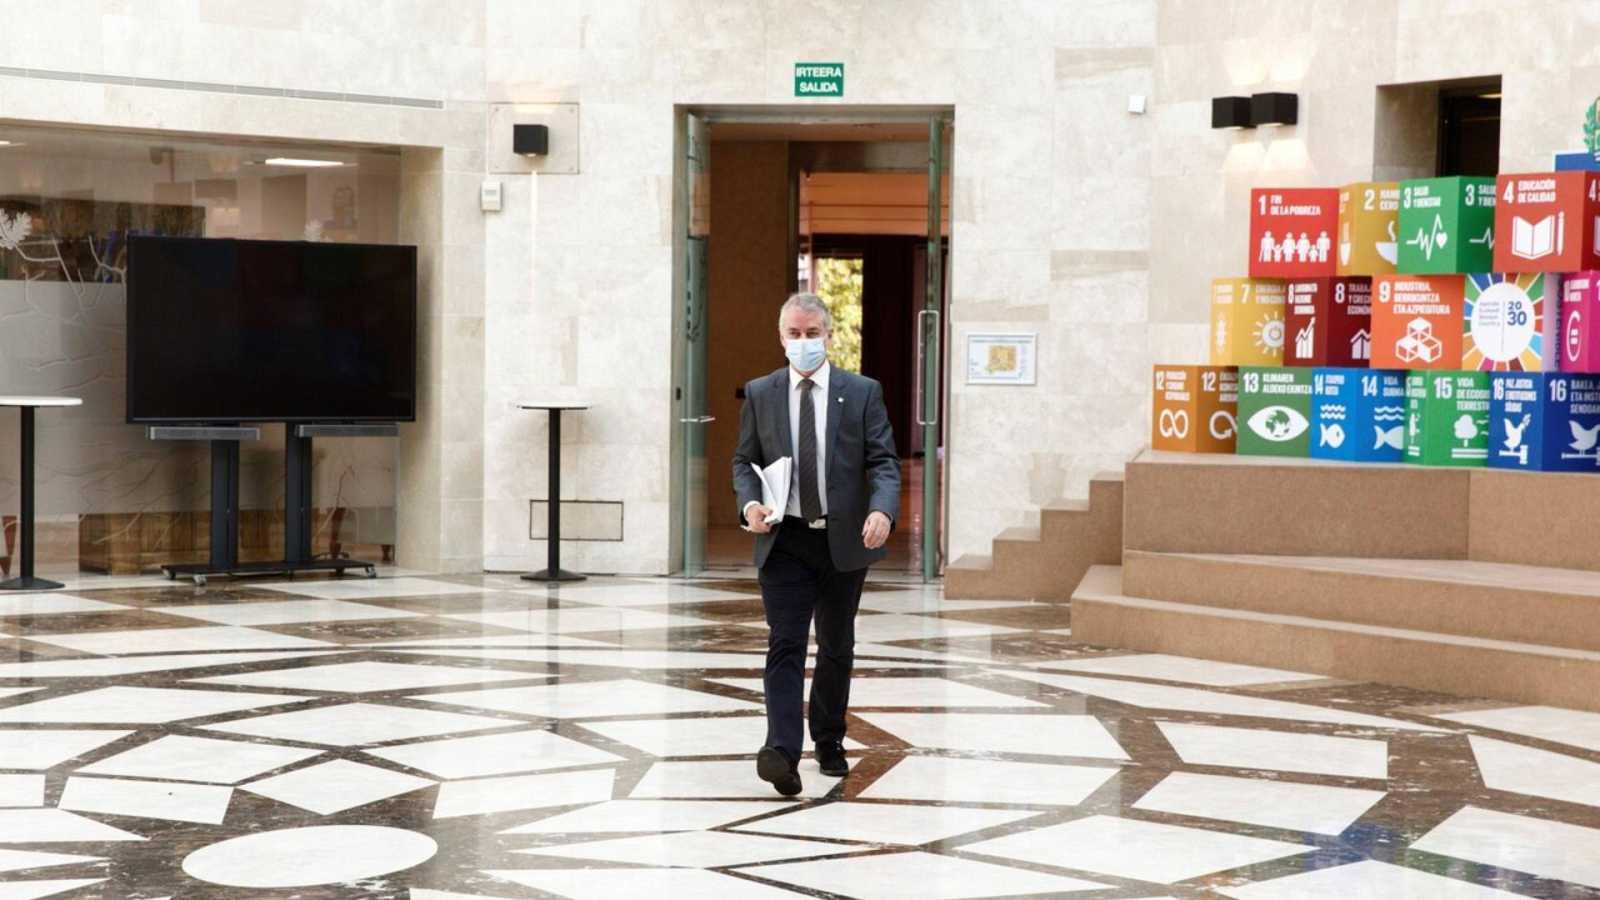 Informativos fin de semana - 20 horas - Restricciones en Euskadi: grupos de sólo 6 personas, aforos al 50% y cierre a las 12 de la noche de la hostelería - Escuchar ahora